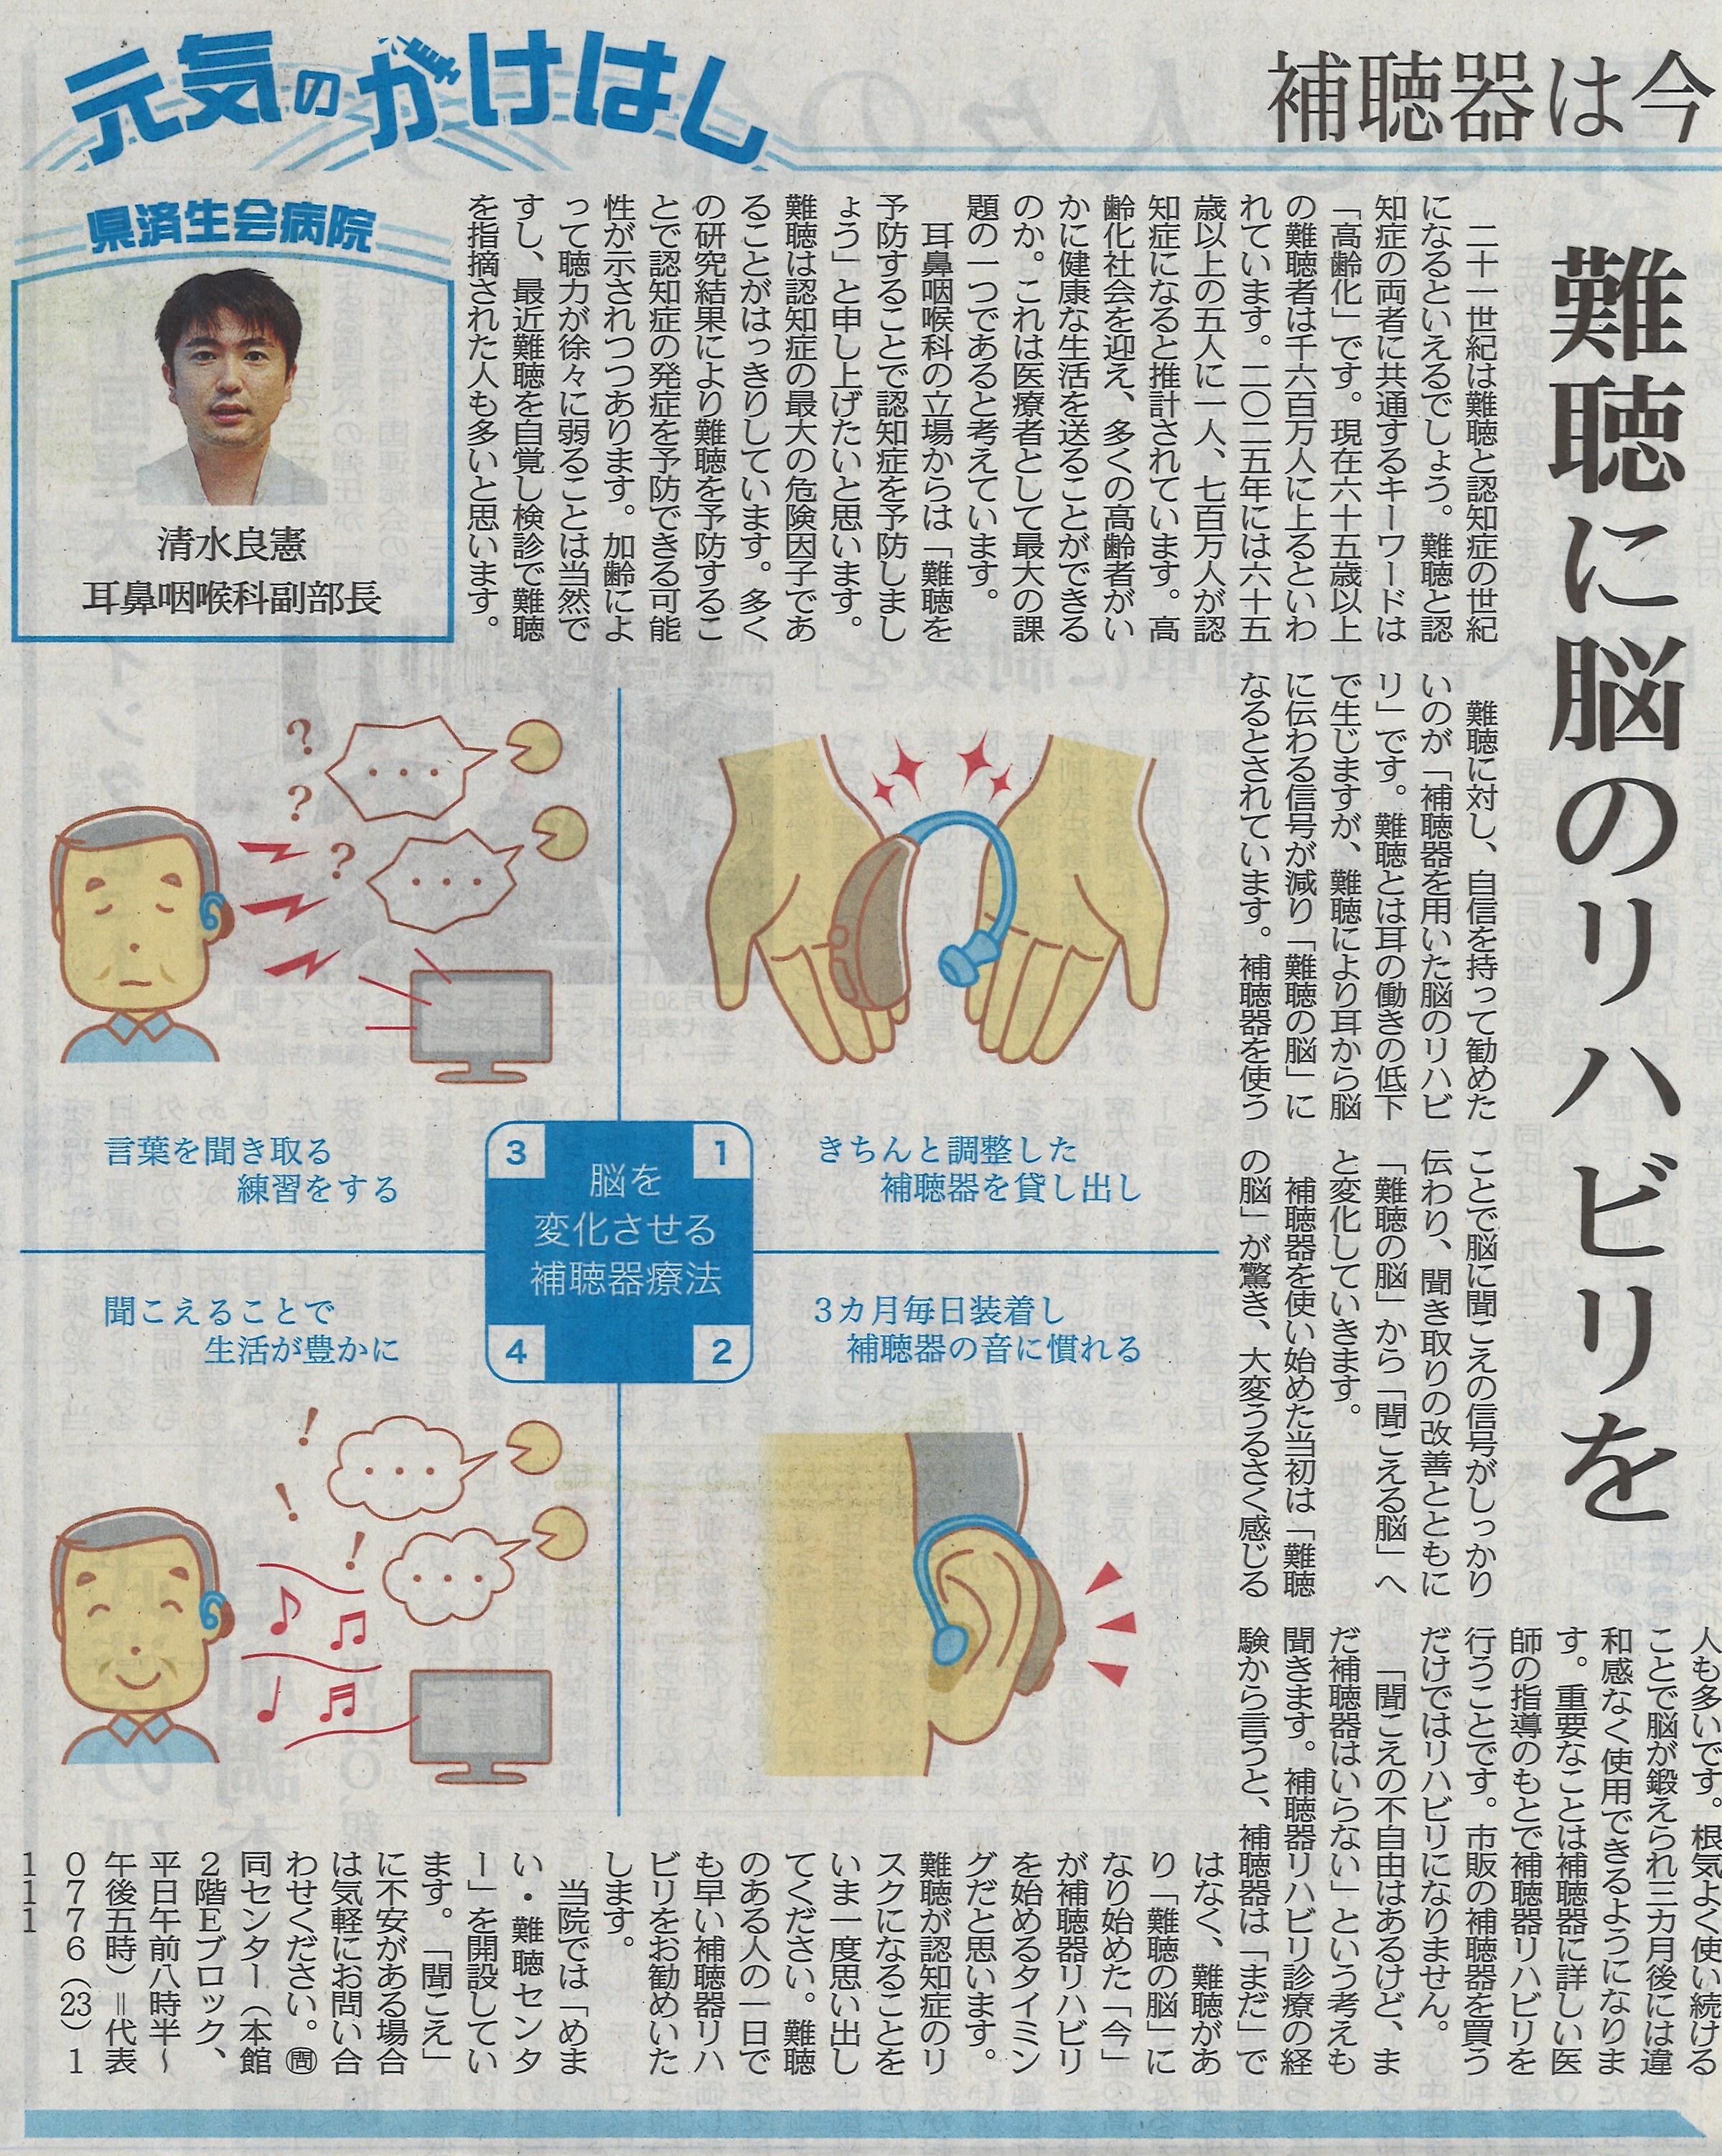 2021年4月1日 日刊県民福井